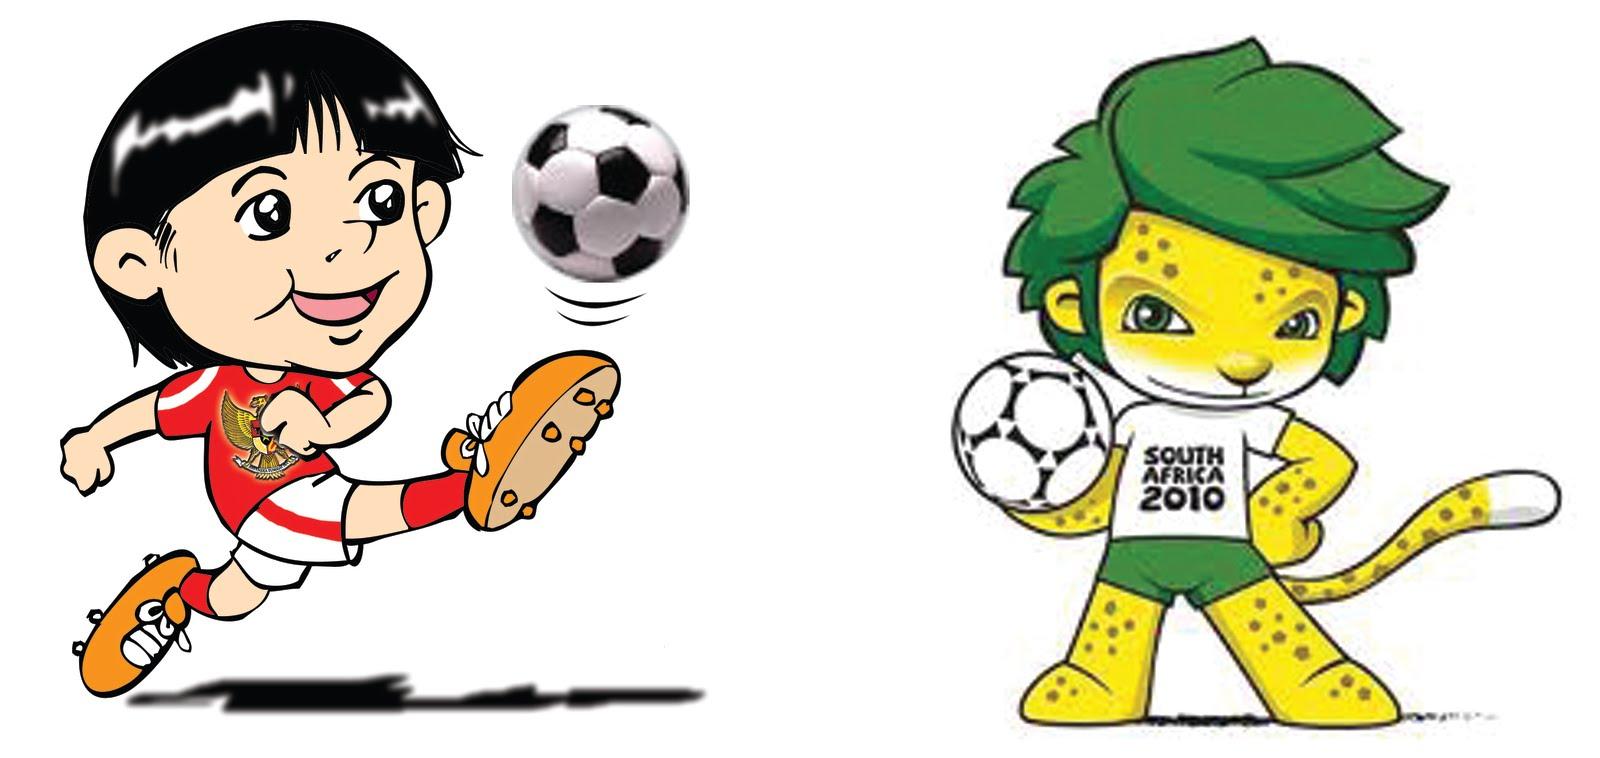 Foto Kartun Main Bola Gambar Gokil